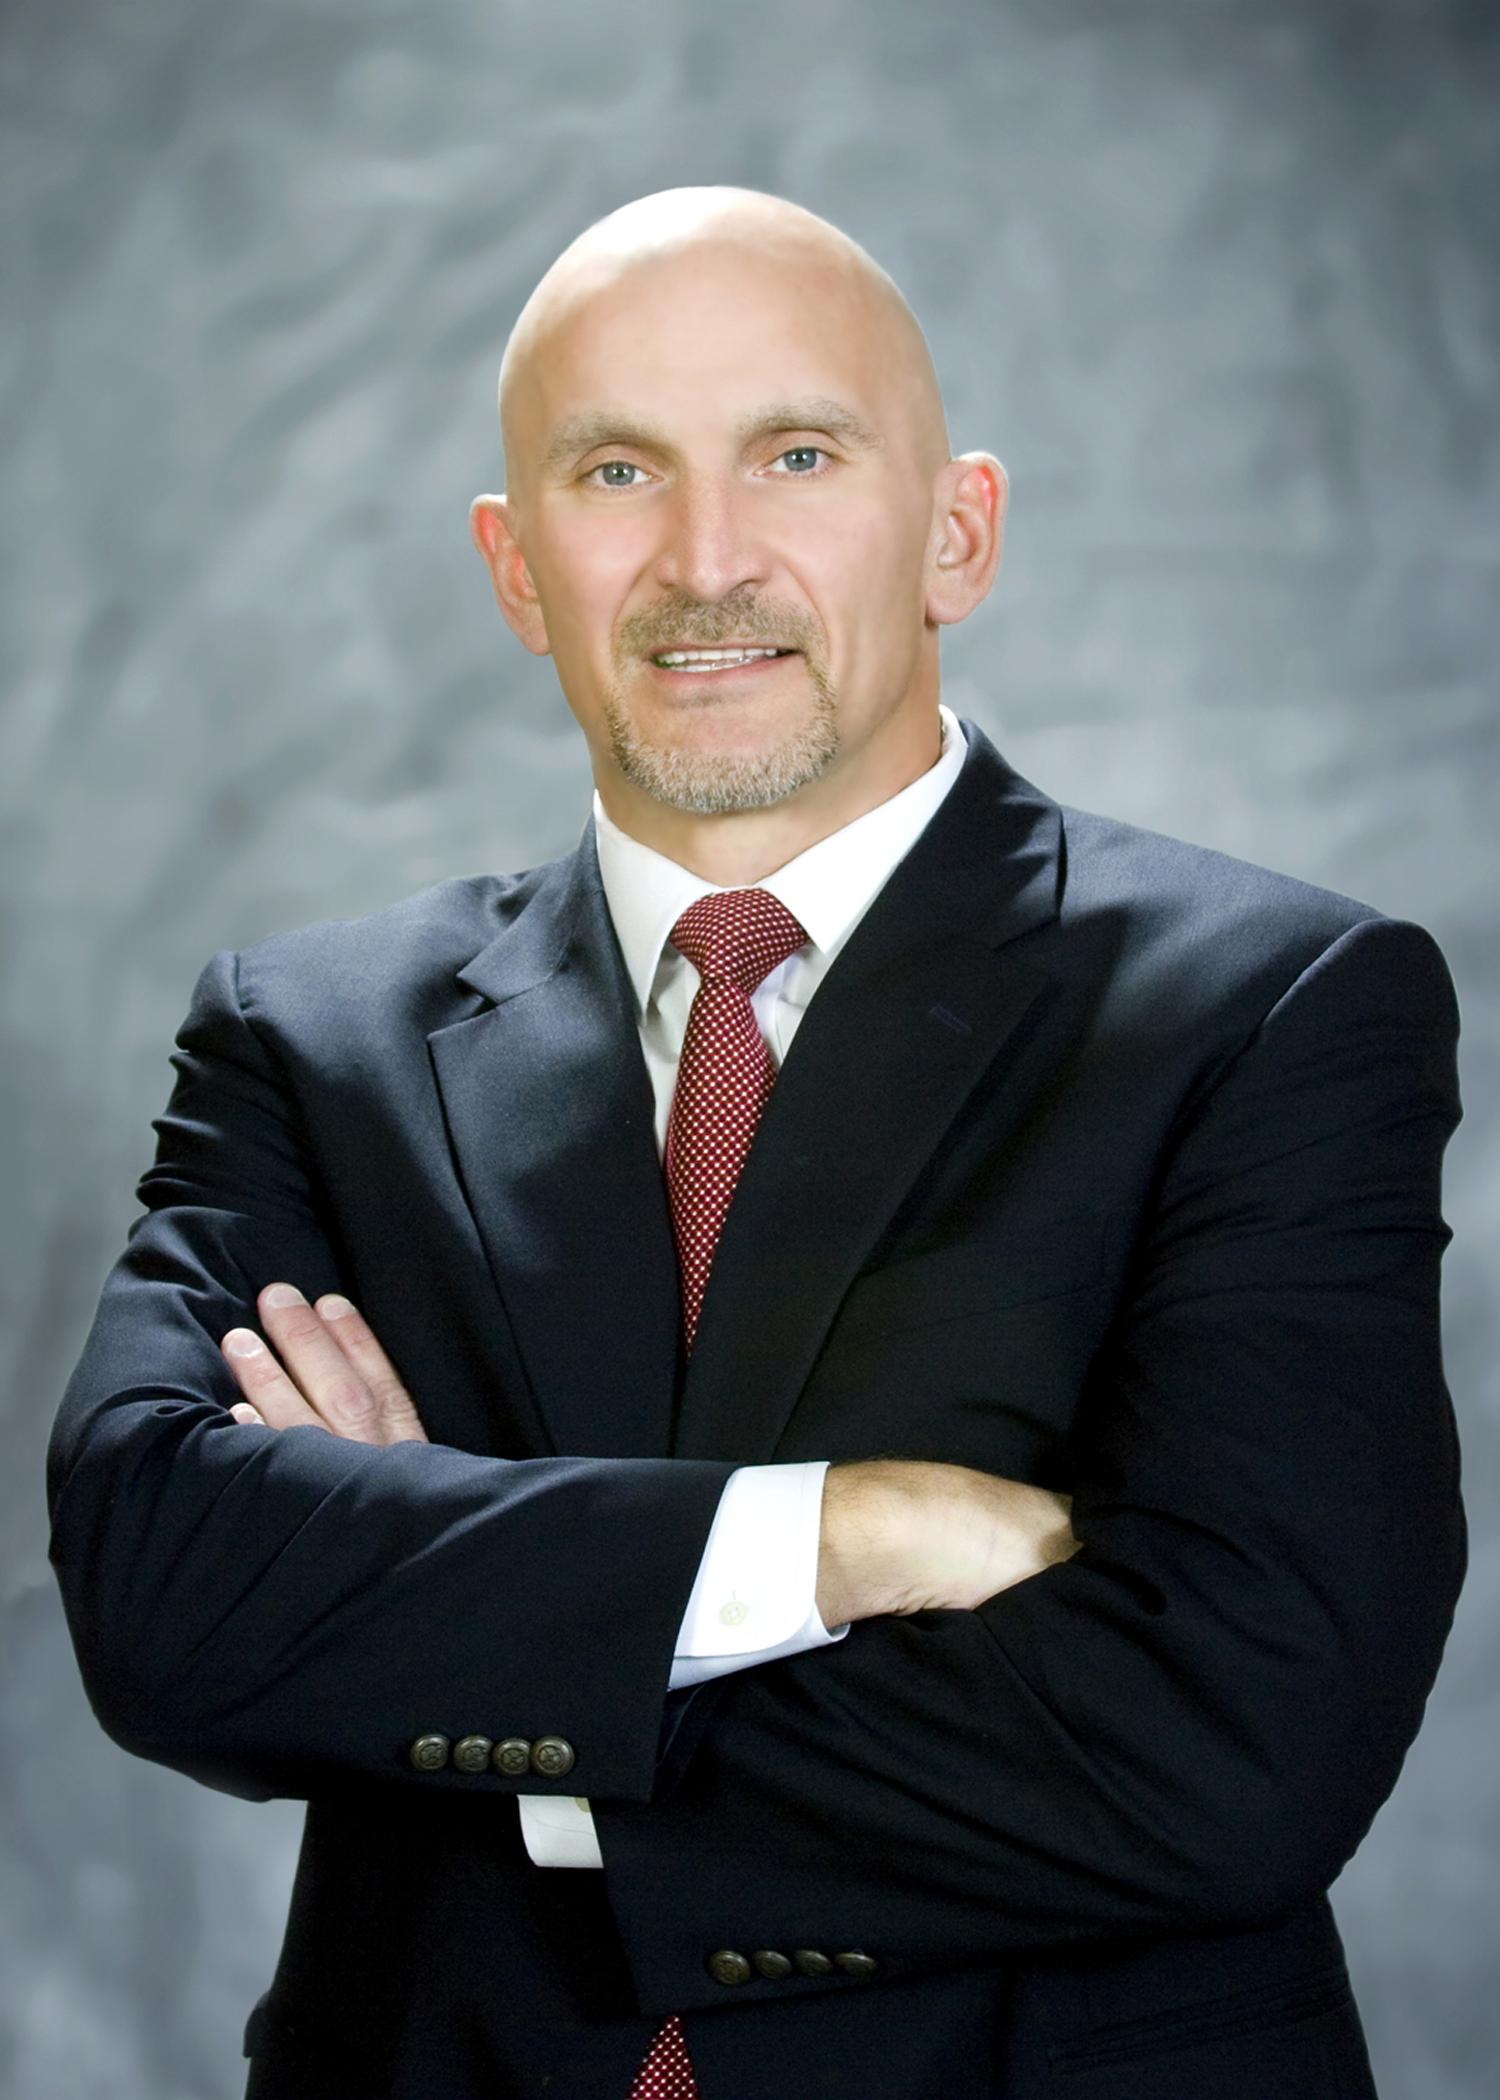 Bob Leshnak